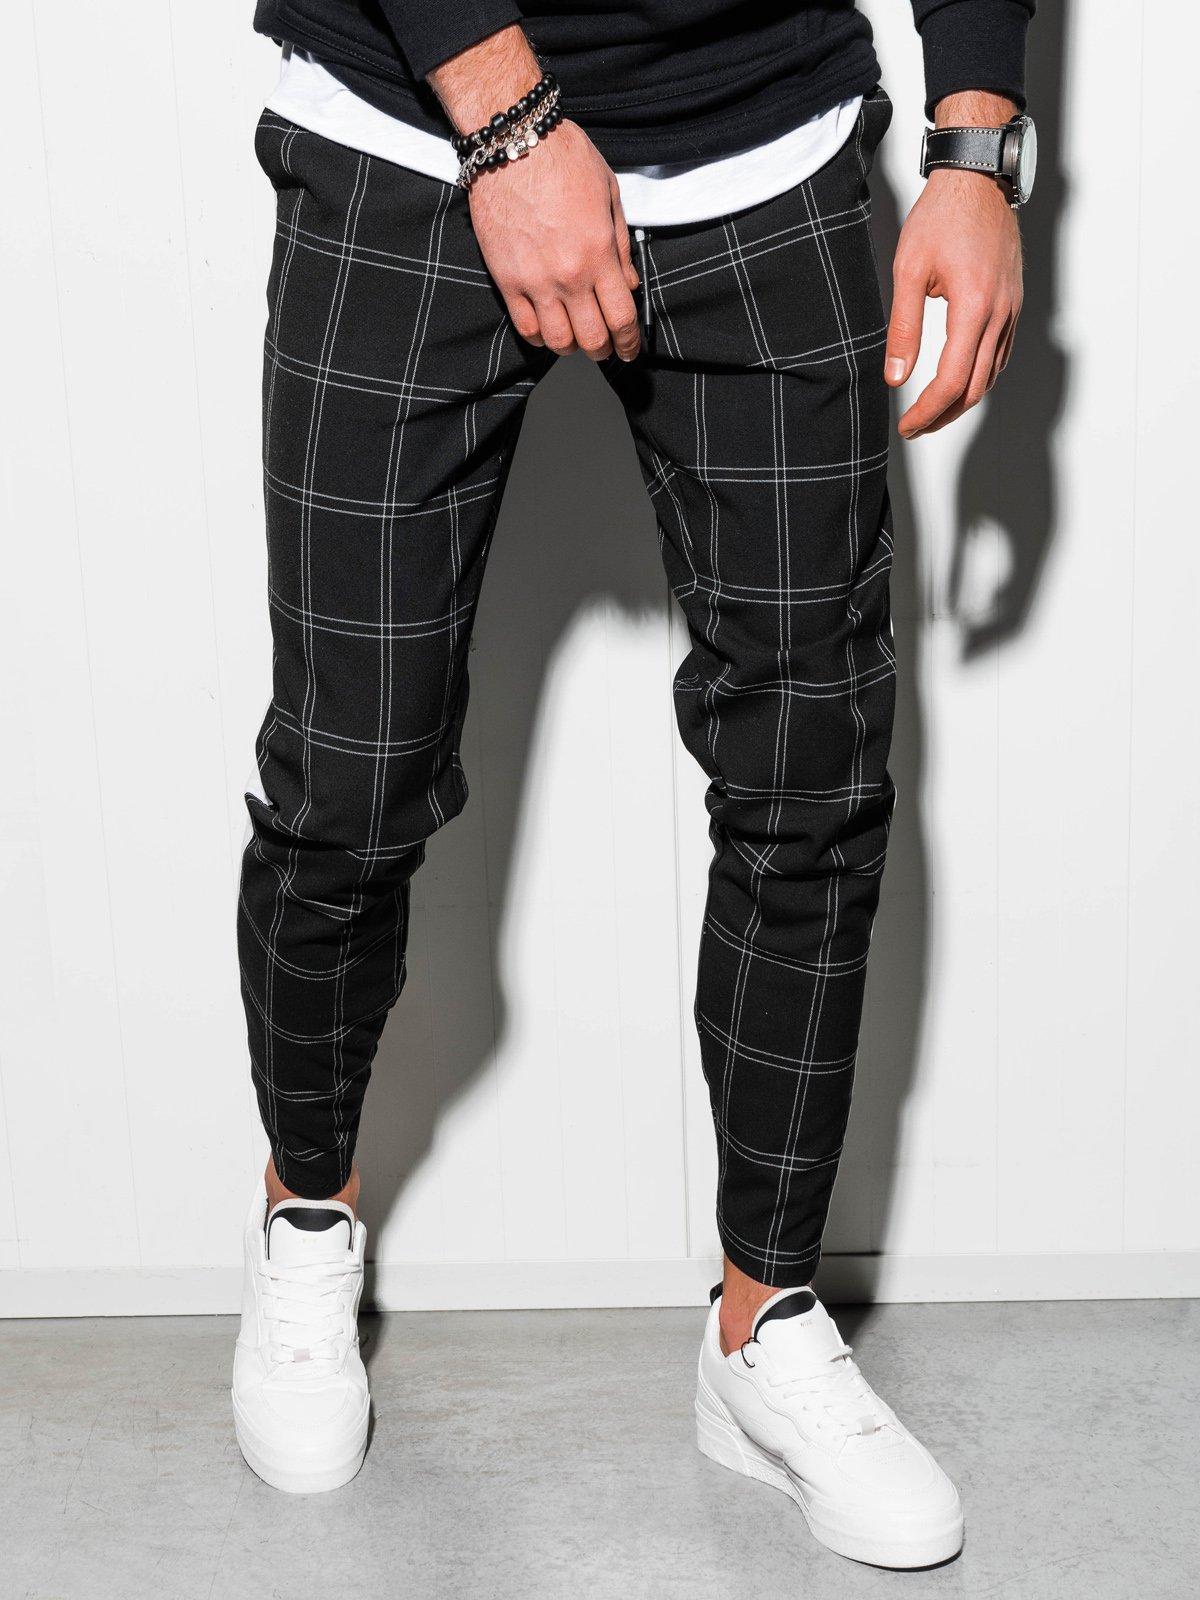 Купить Штани чоловічі чінос P851 - чорні, Ombre Clothing